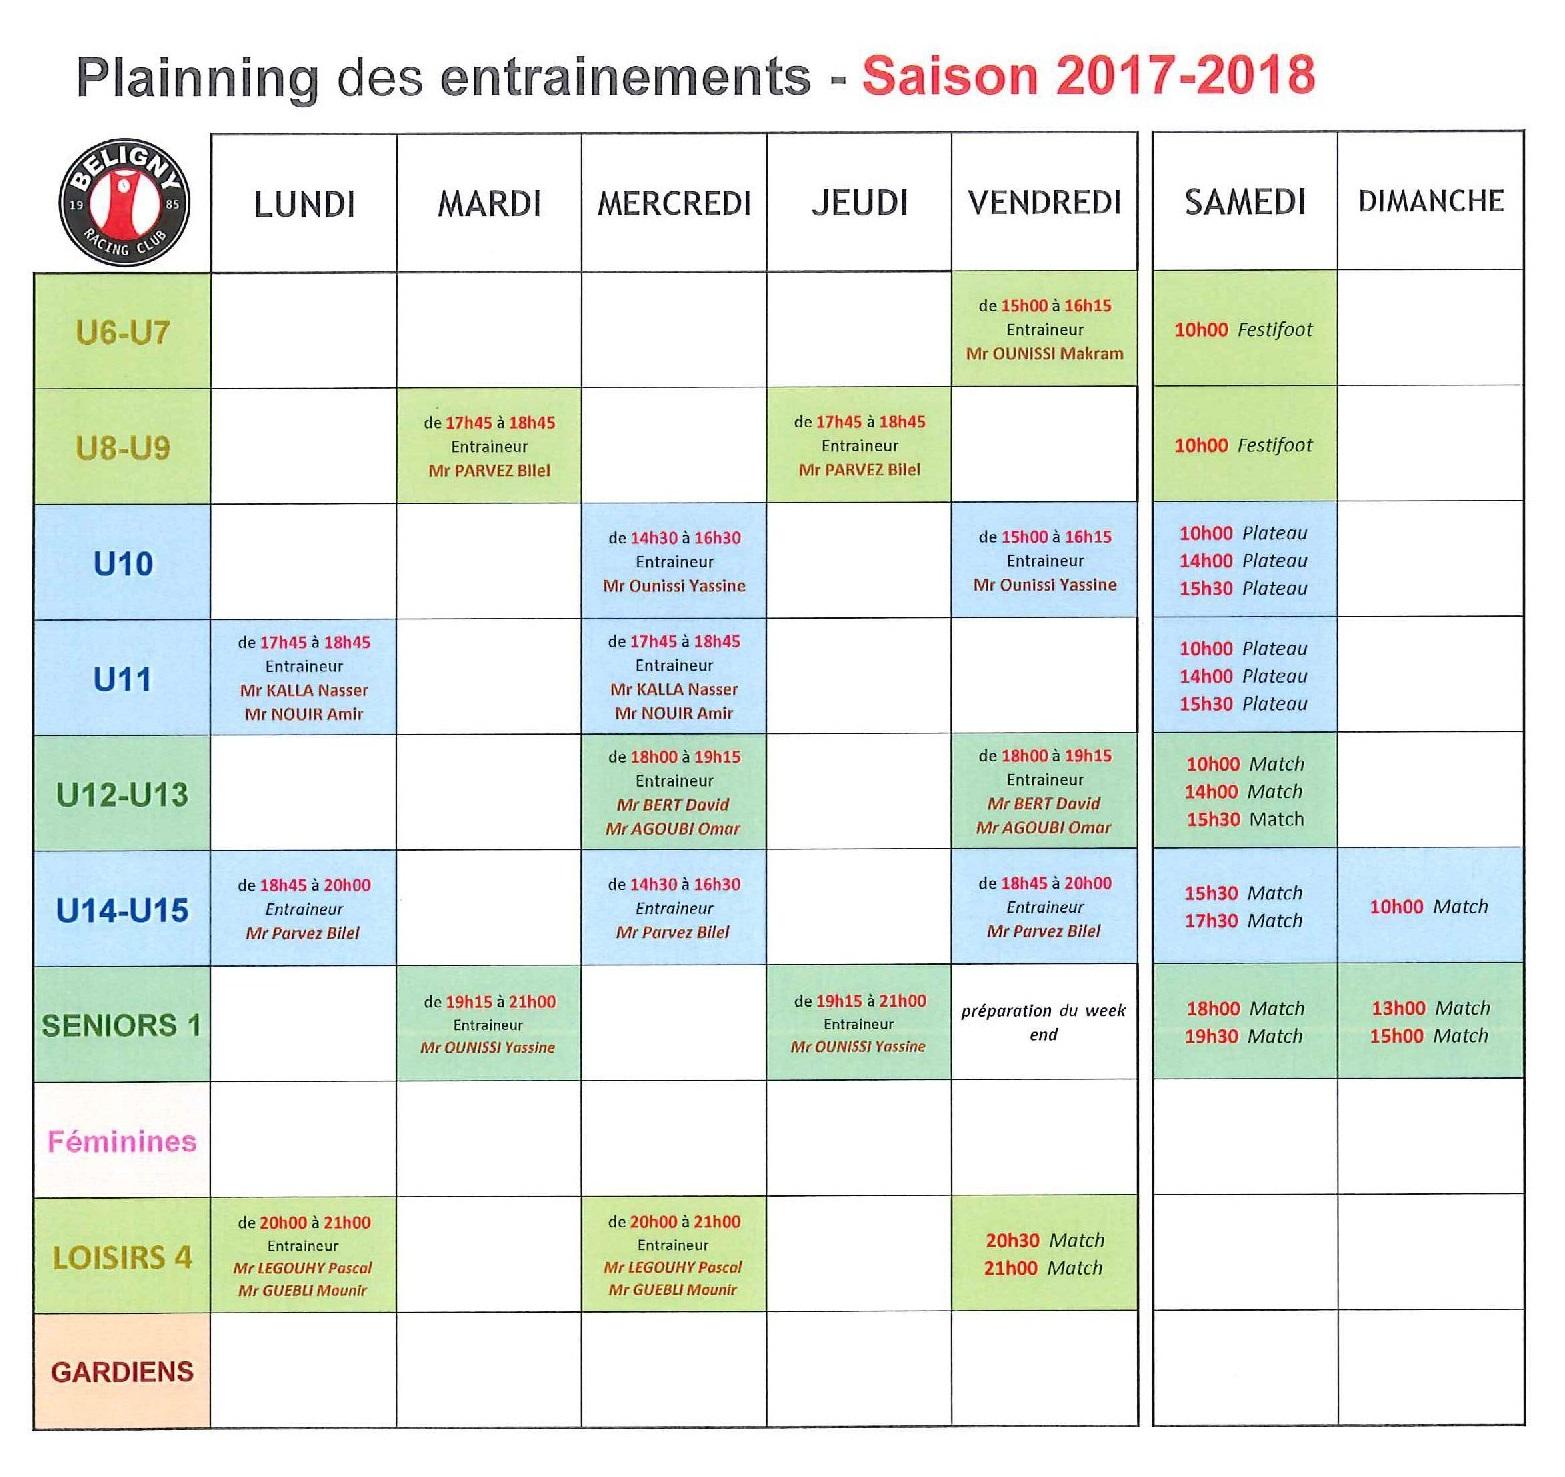 PLAINNING des ENTRAINEMENTS pour la SAISON 2017-2018.png